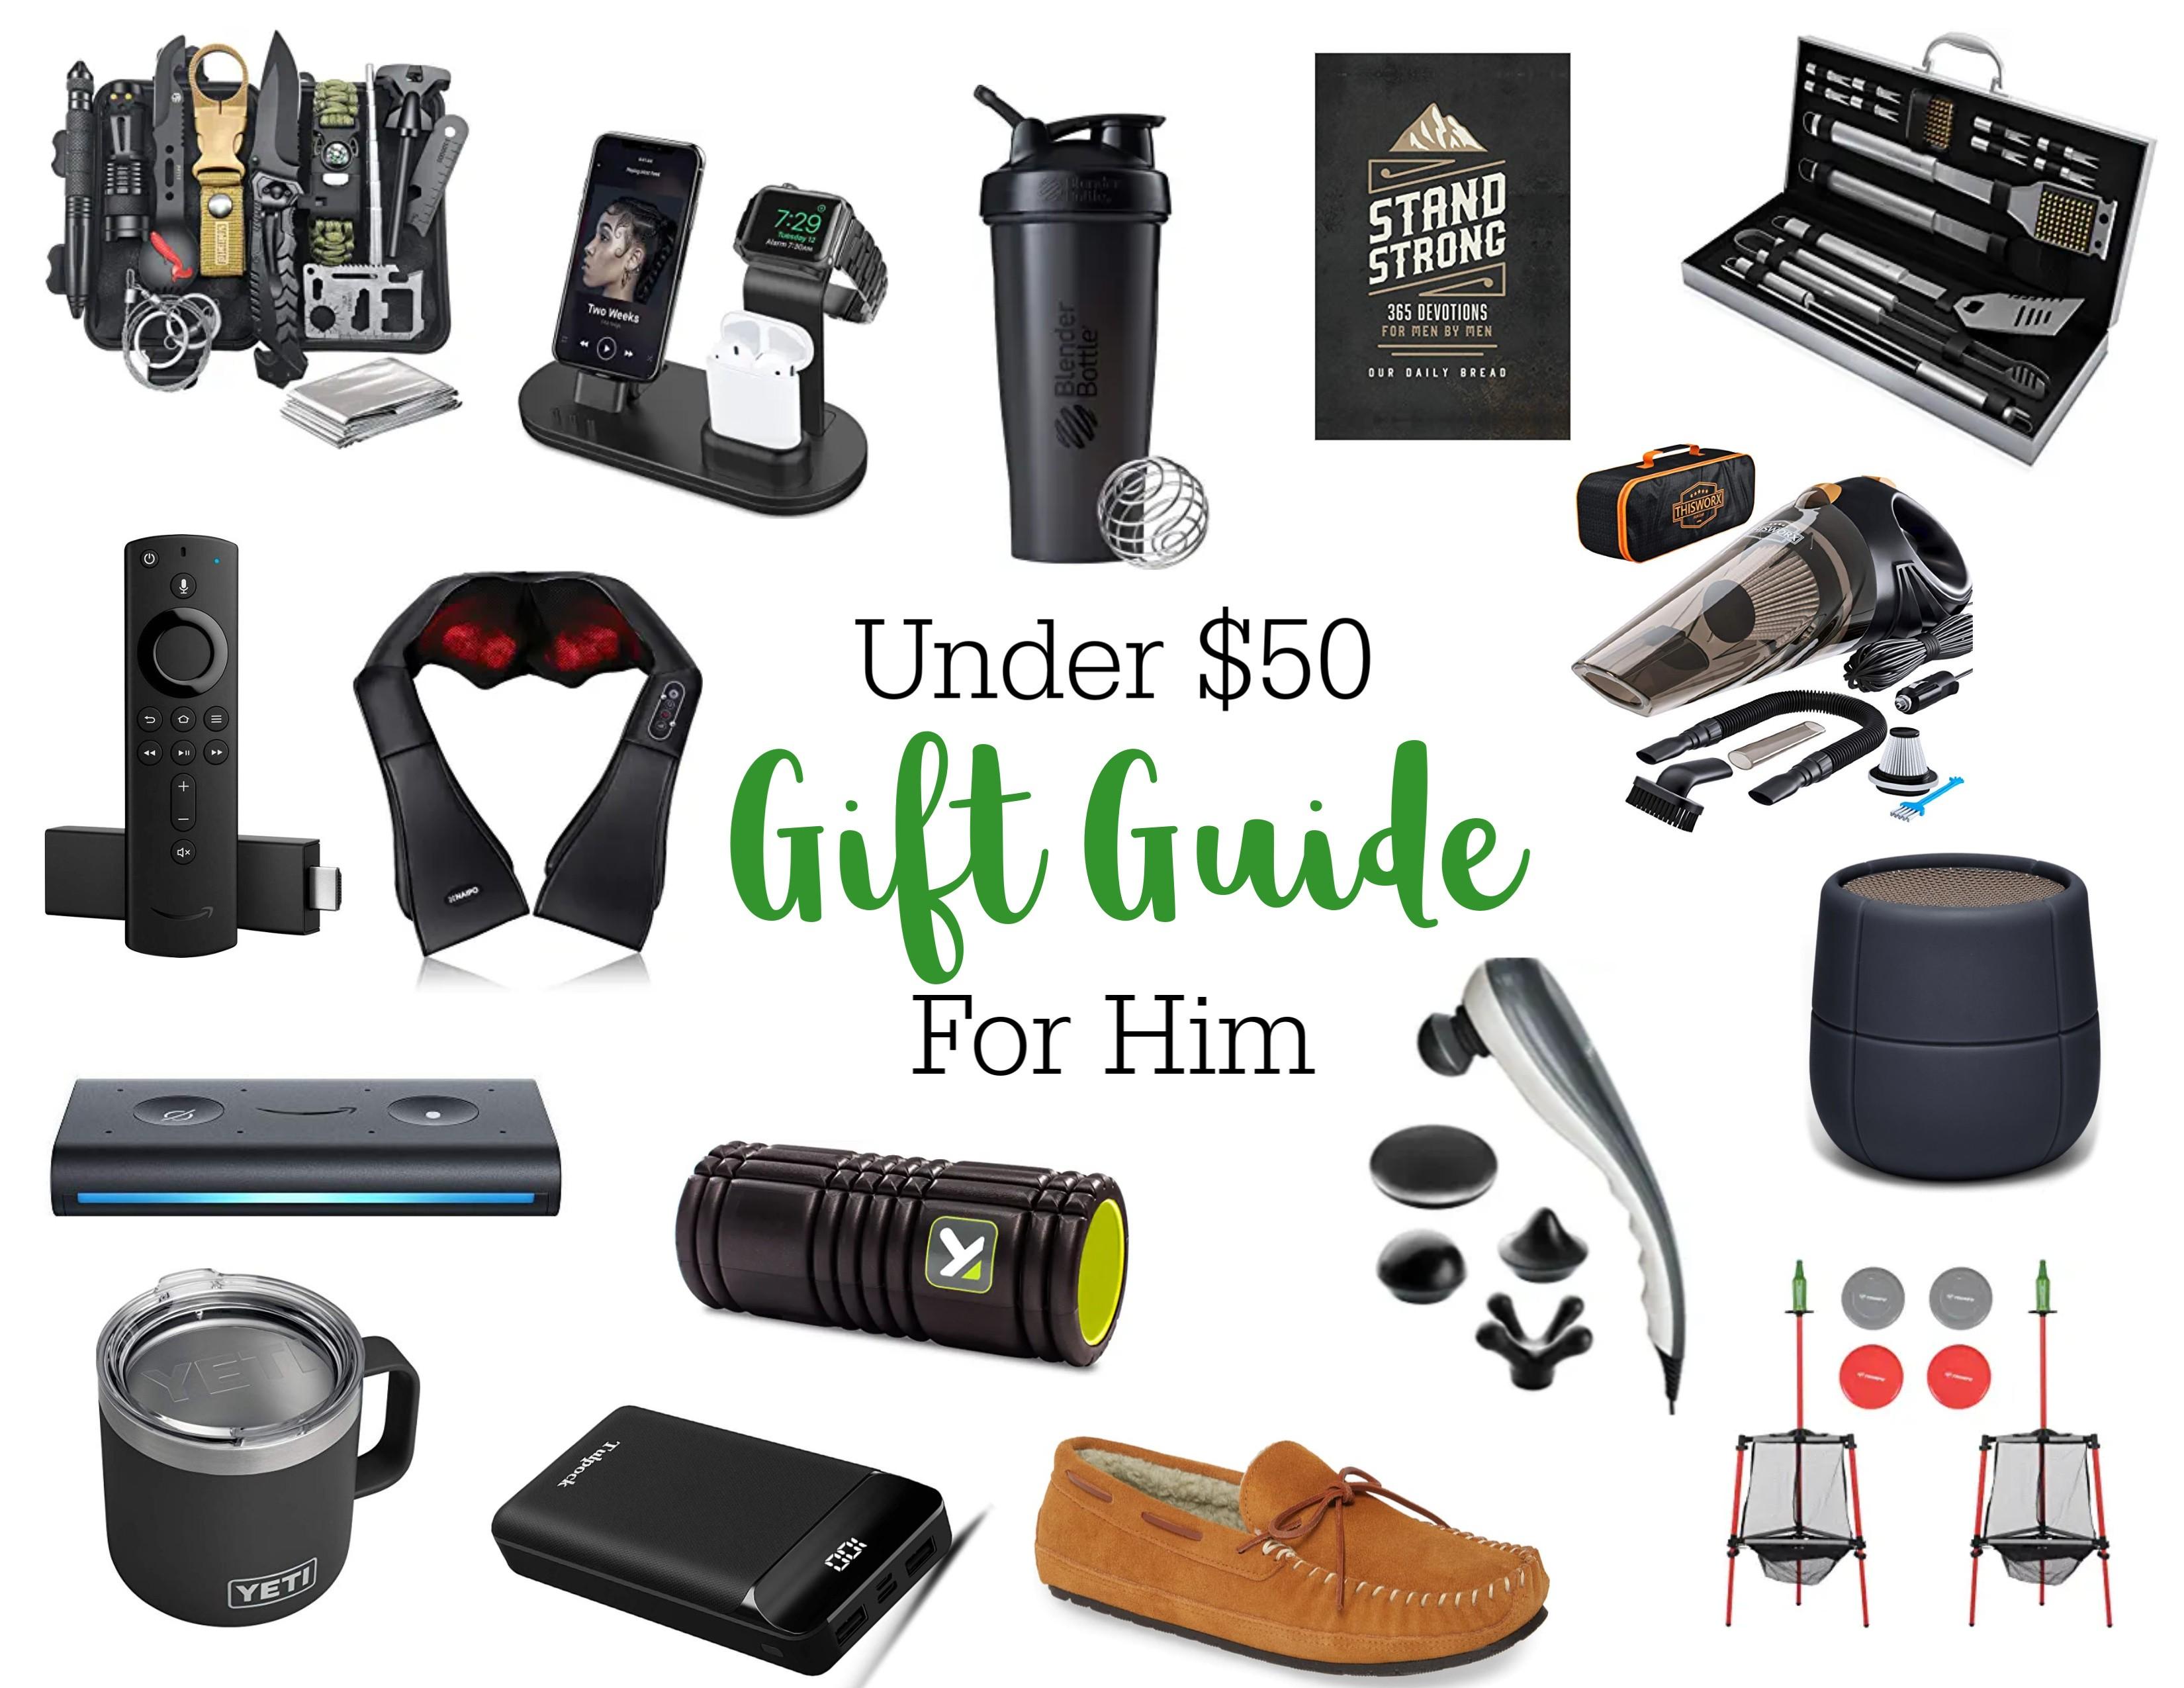 Gift Ideas for Him Under $50 - Vogue